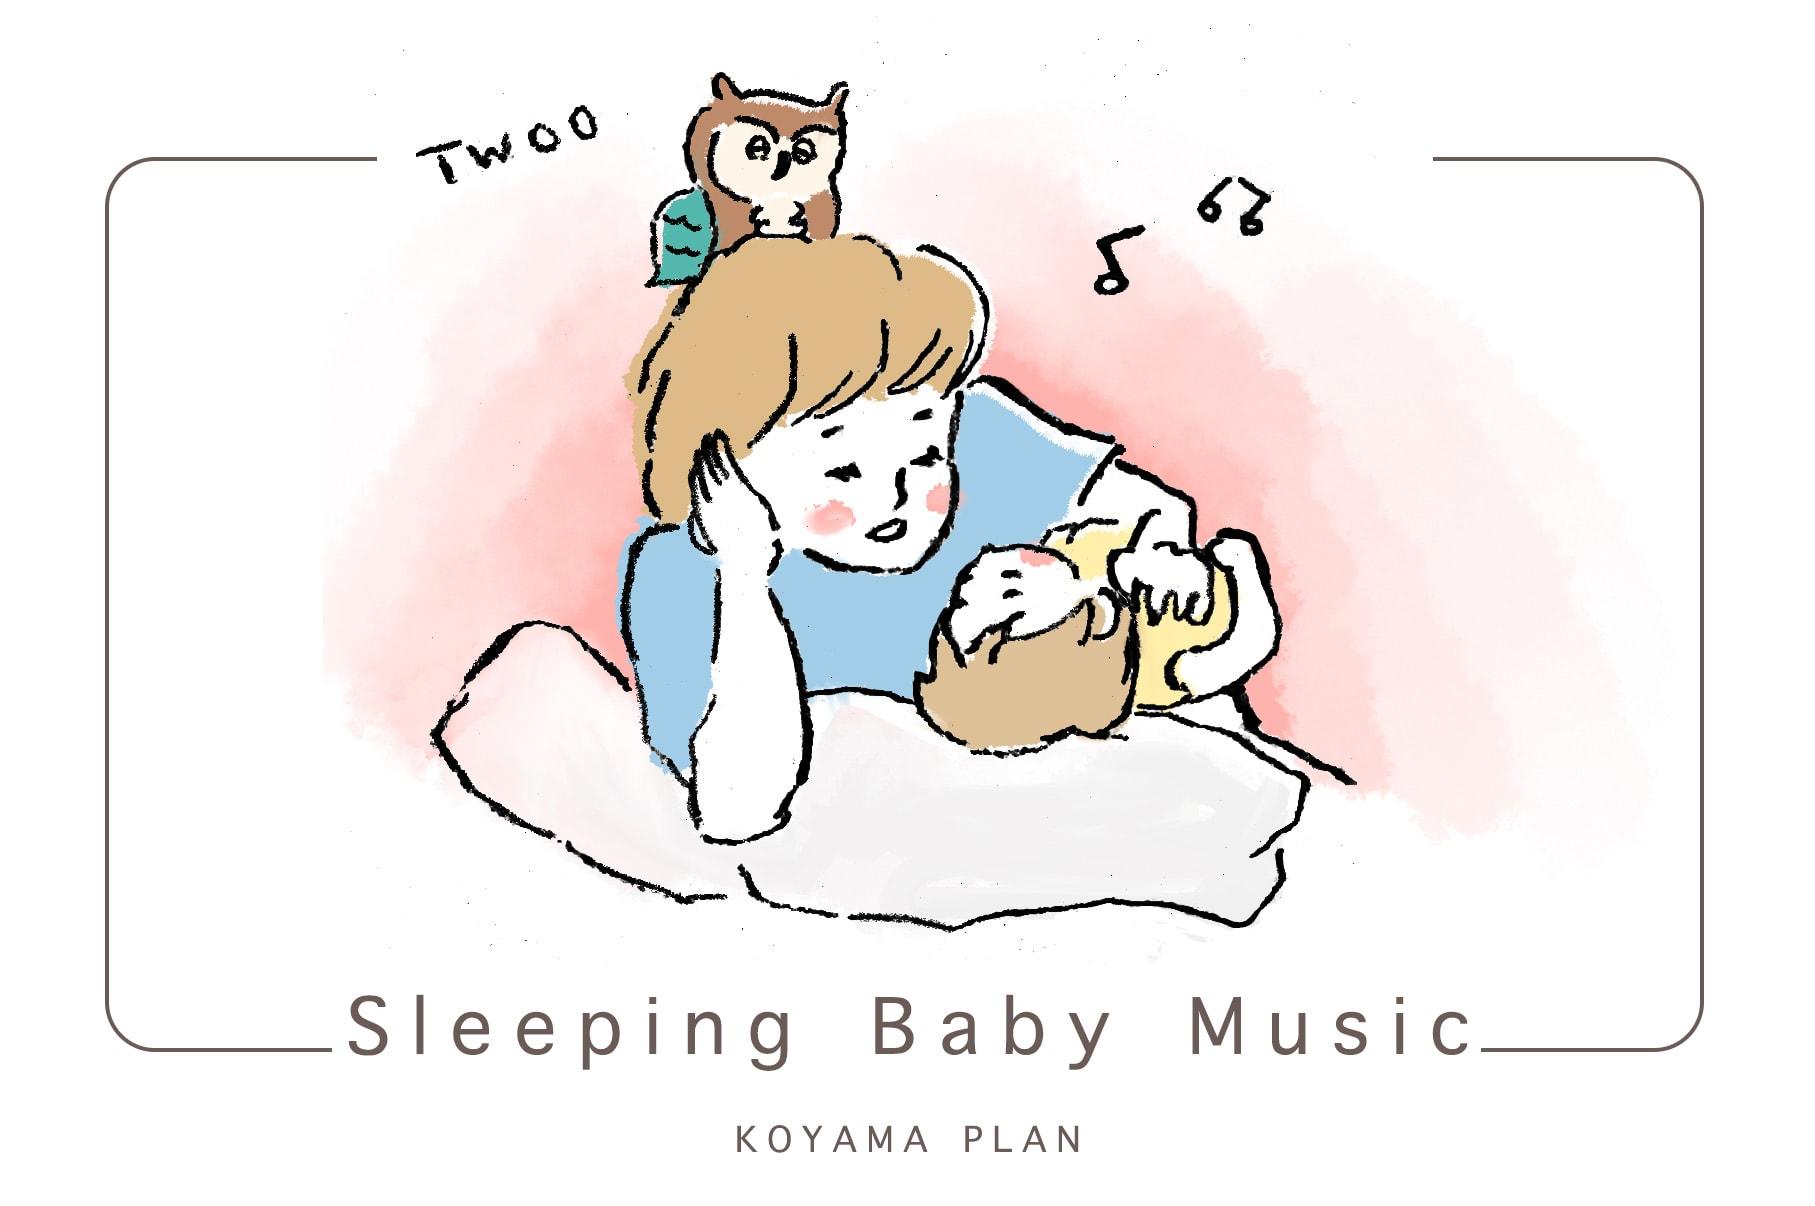 寶寶睡 停止哭泣 歌曲